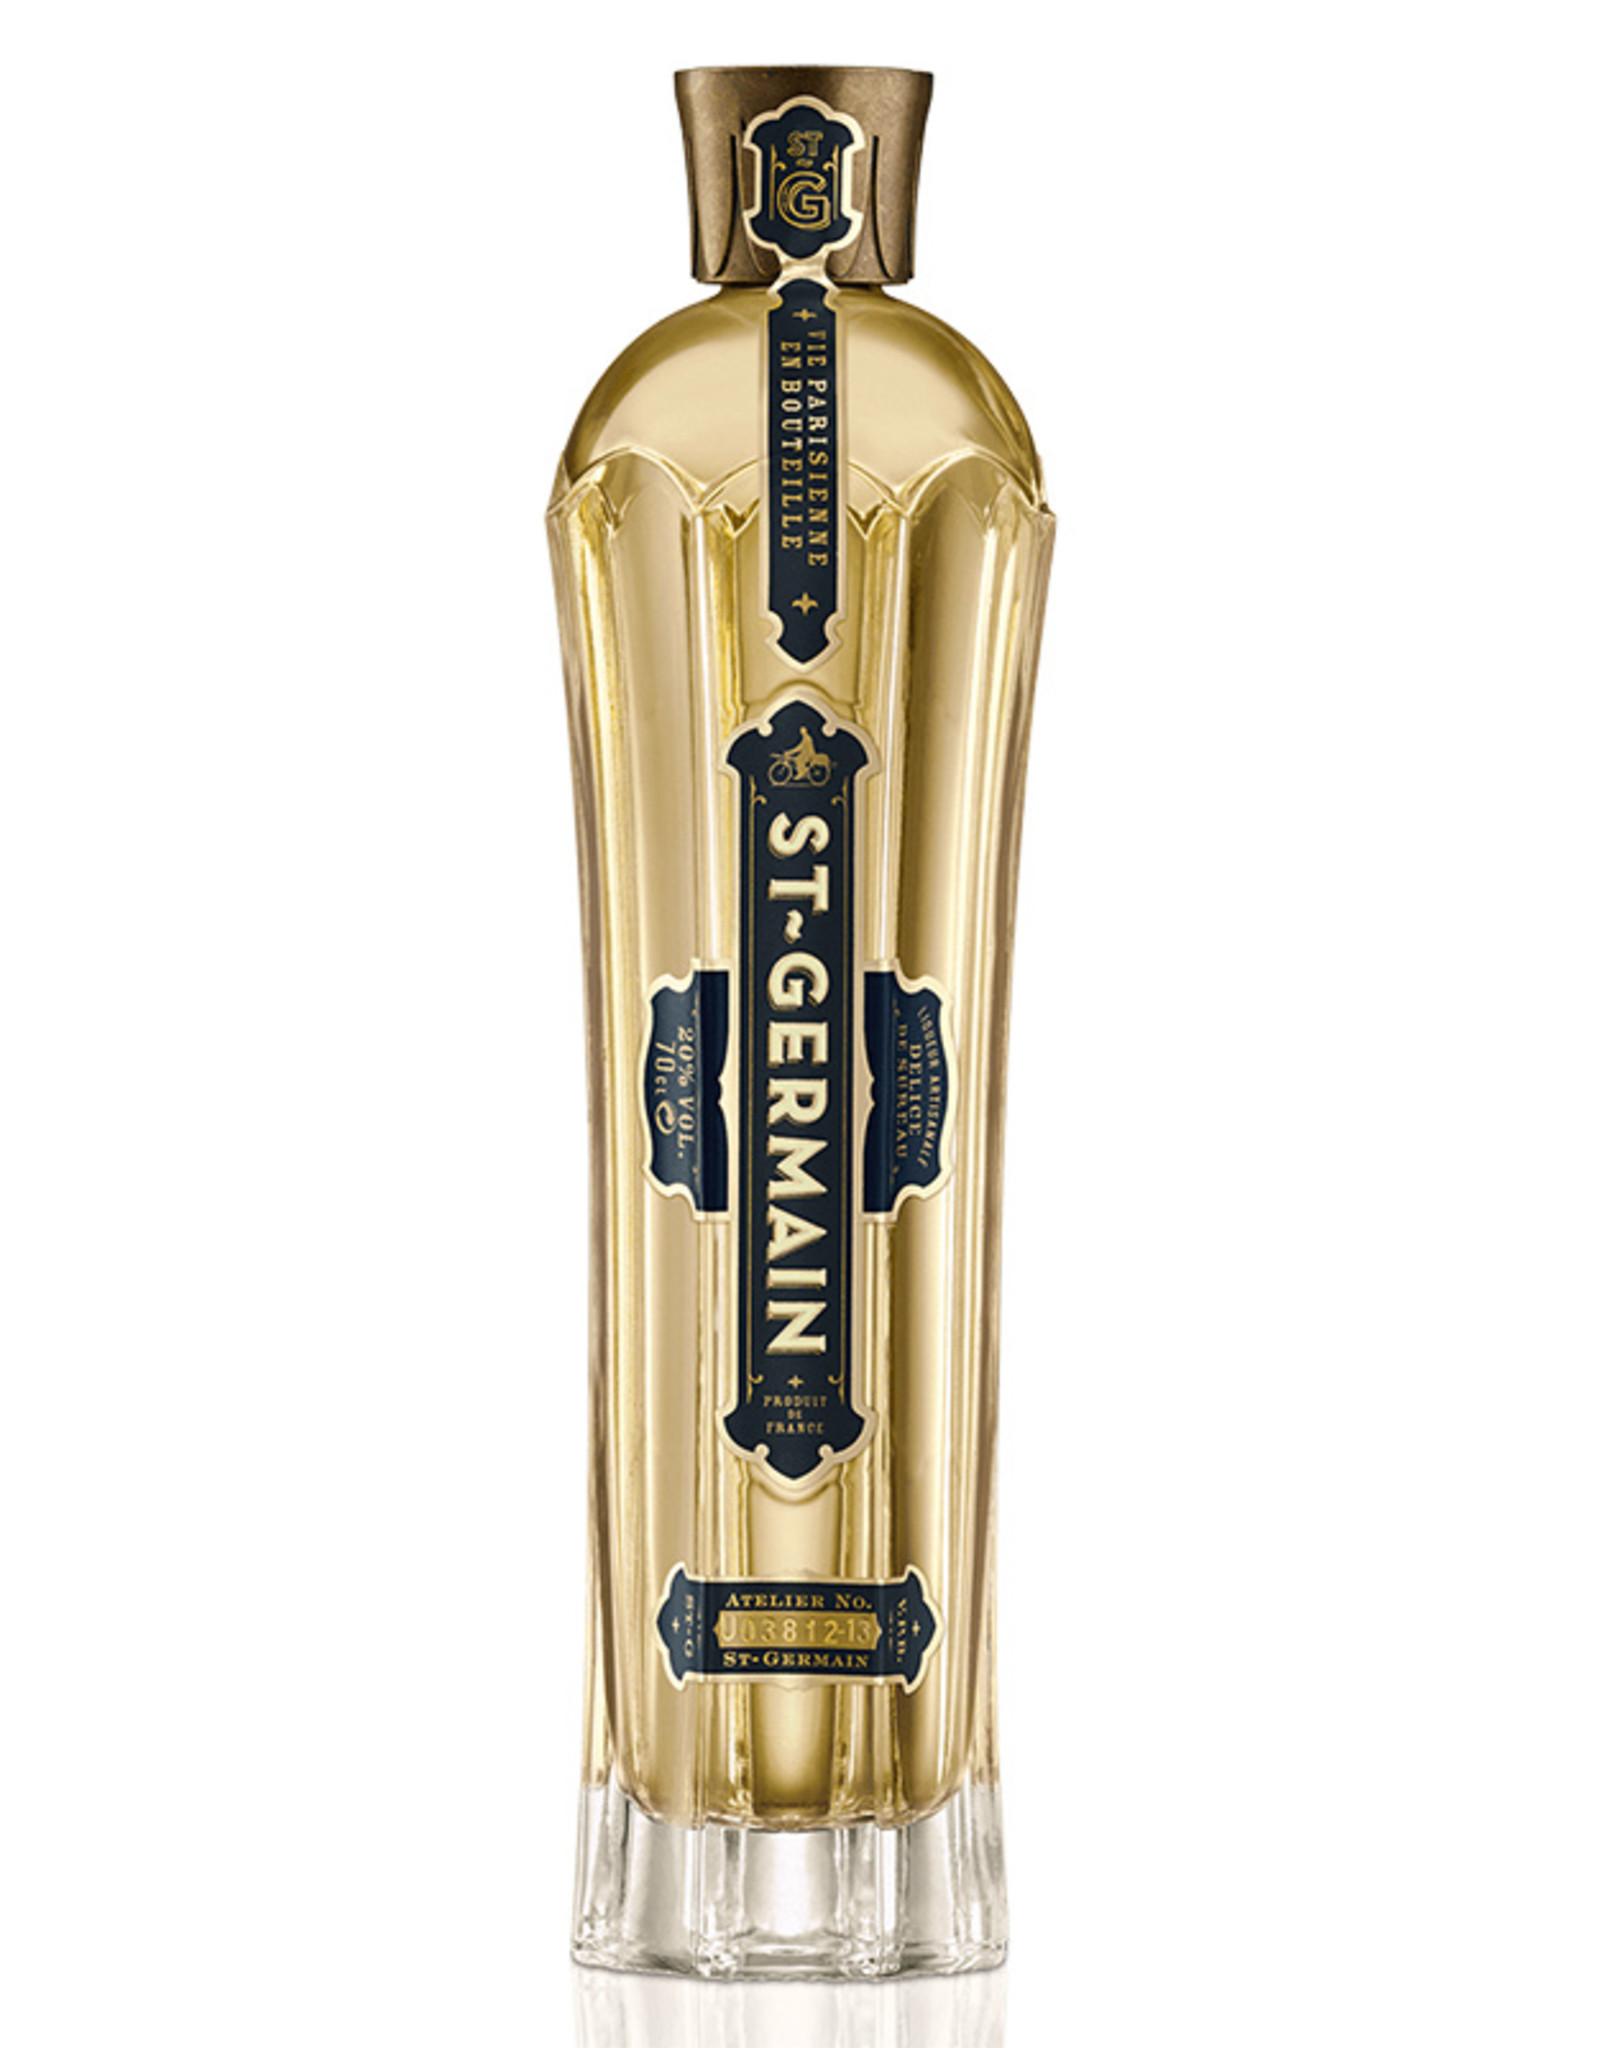 St. Germain Elderflower Liqueur